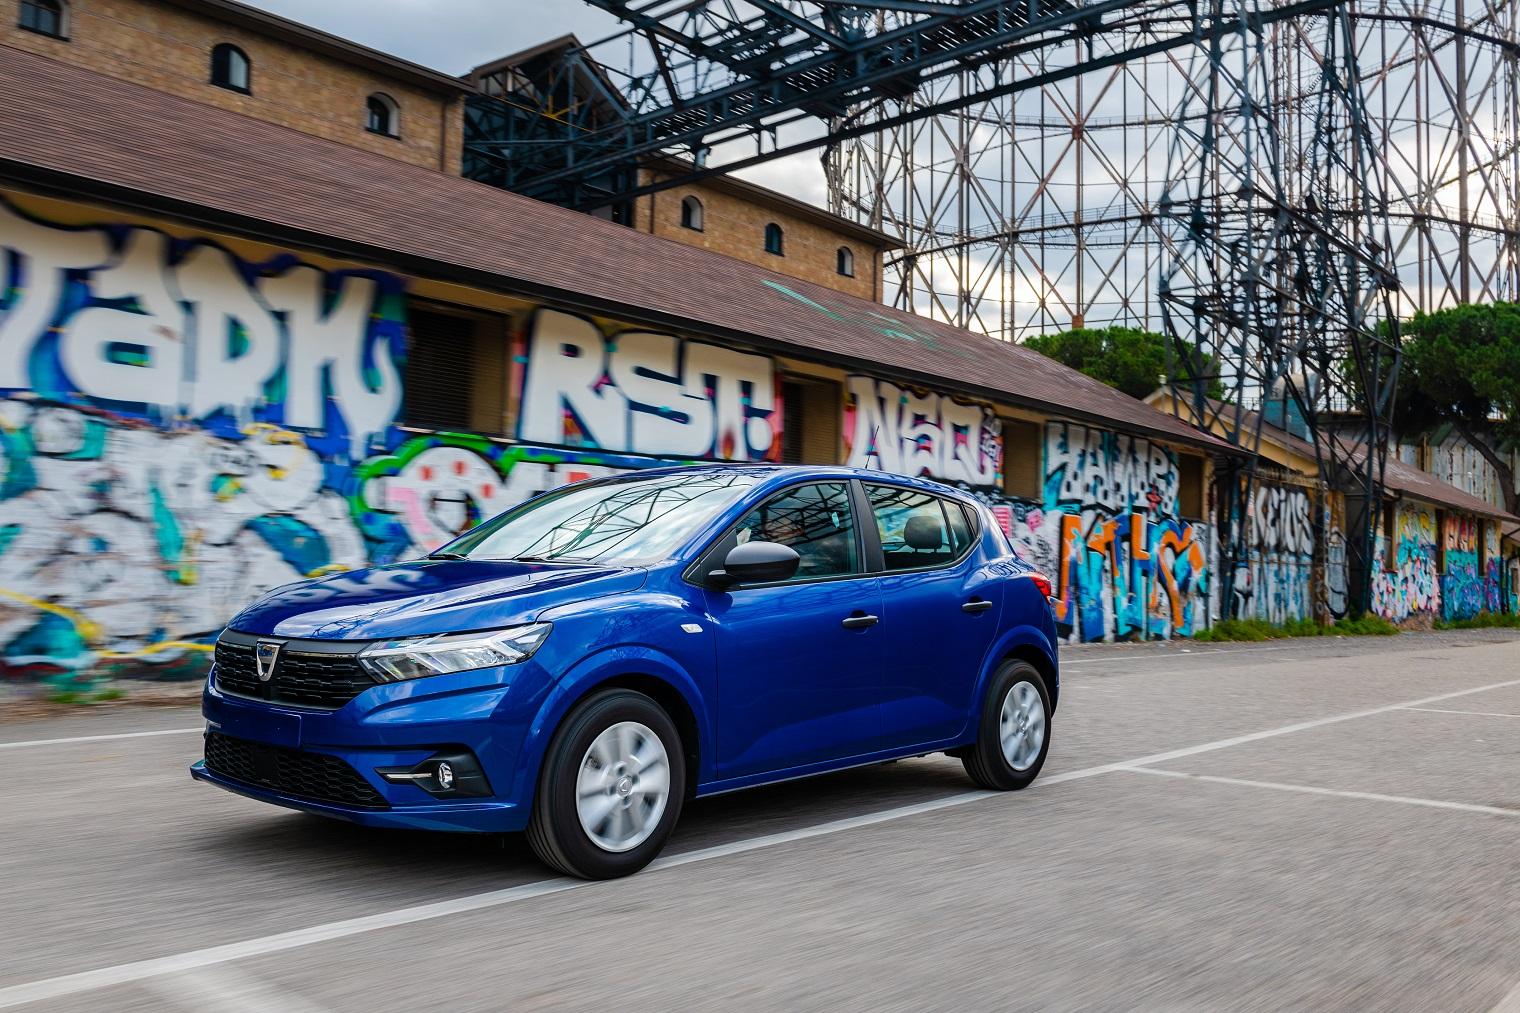 Esterni nuova Dacia Sandero 2021